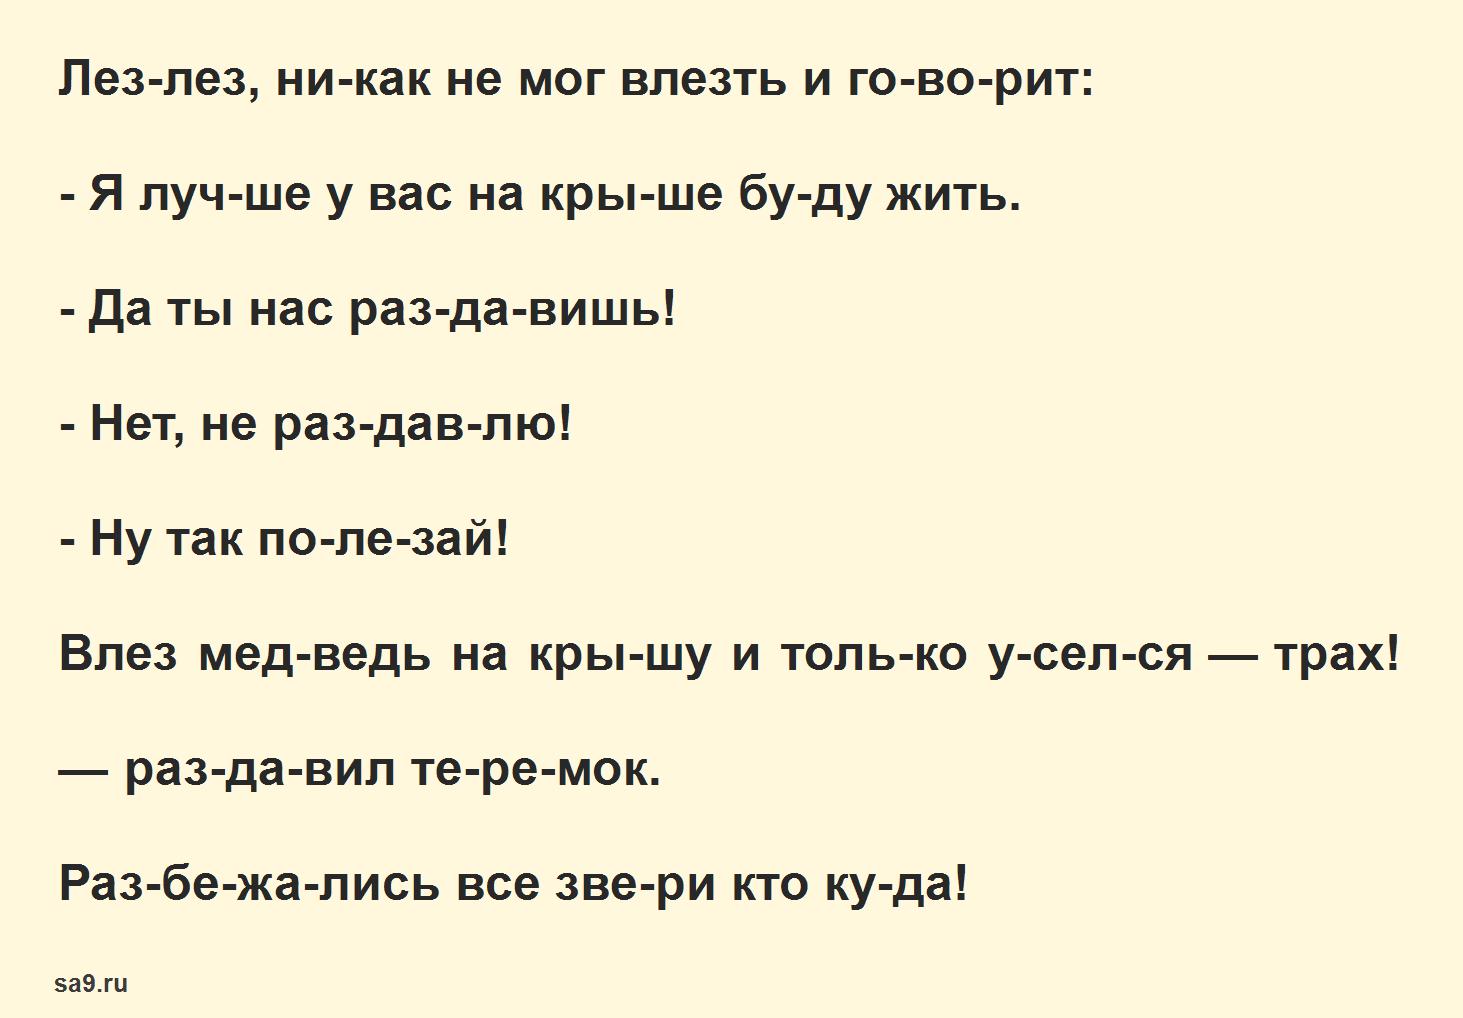 Сказка - Теремок, по слогам